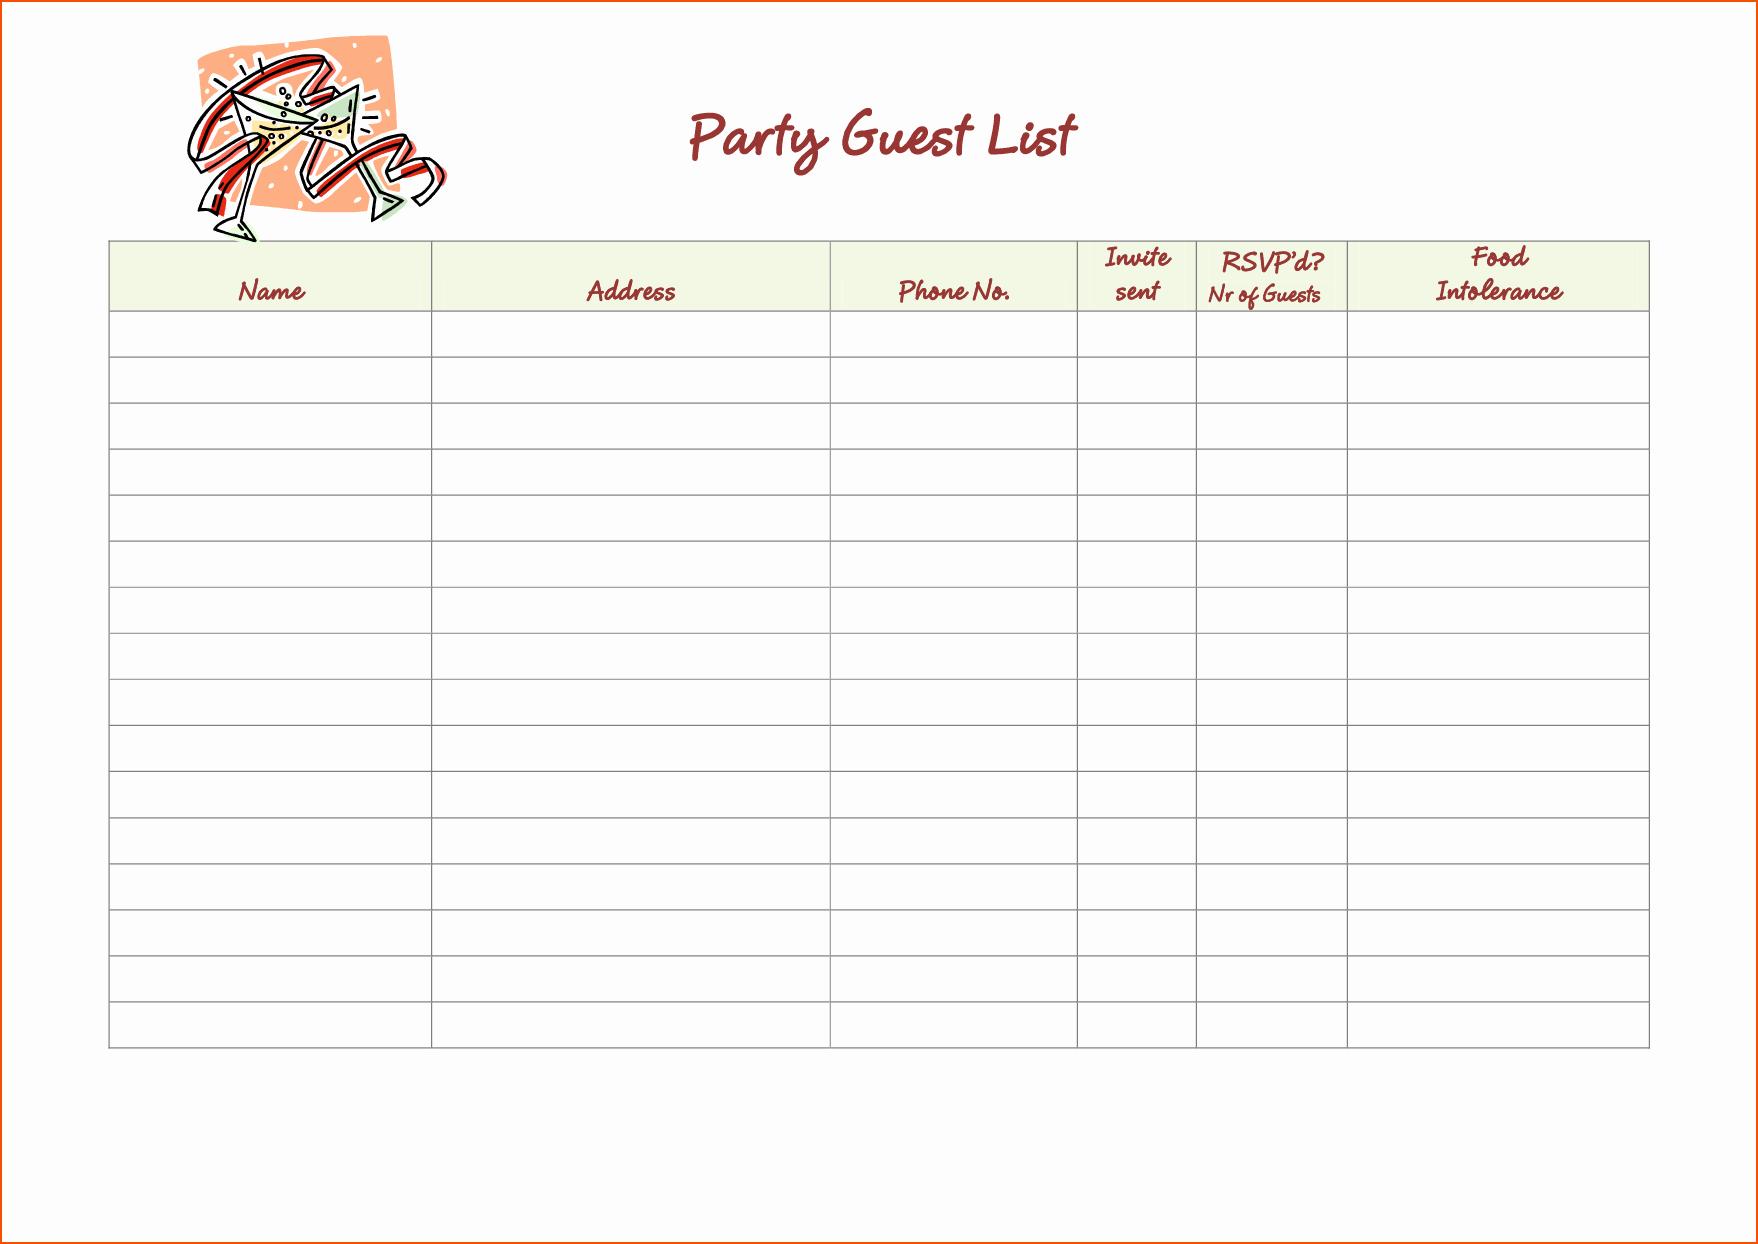 Party Guest List Template Unique 5 Party Guest List Template Bookletemplate